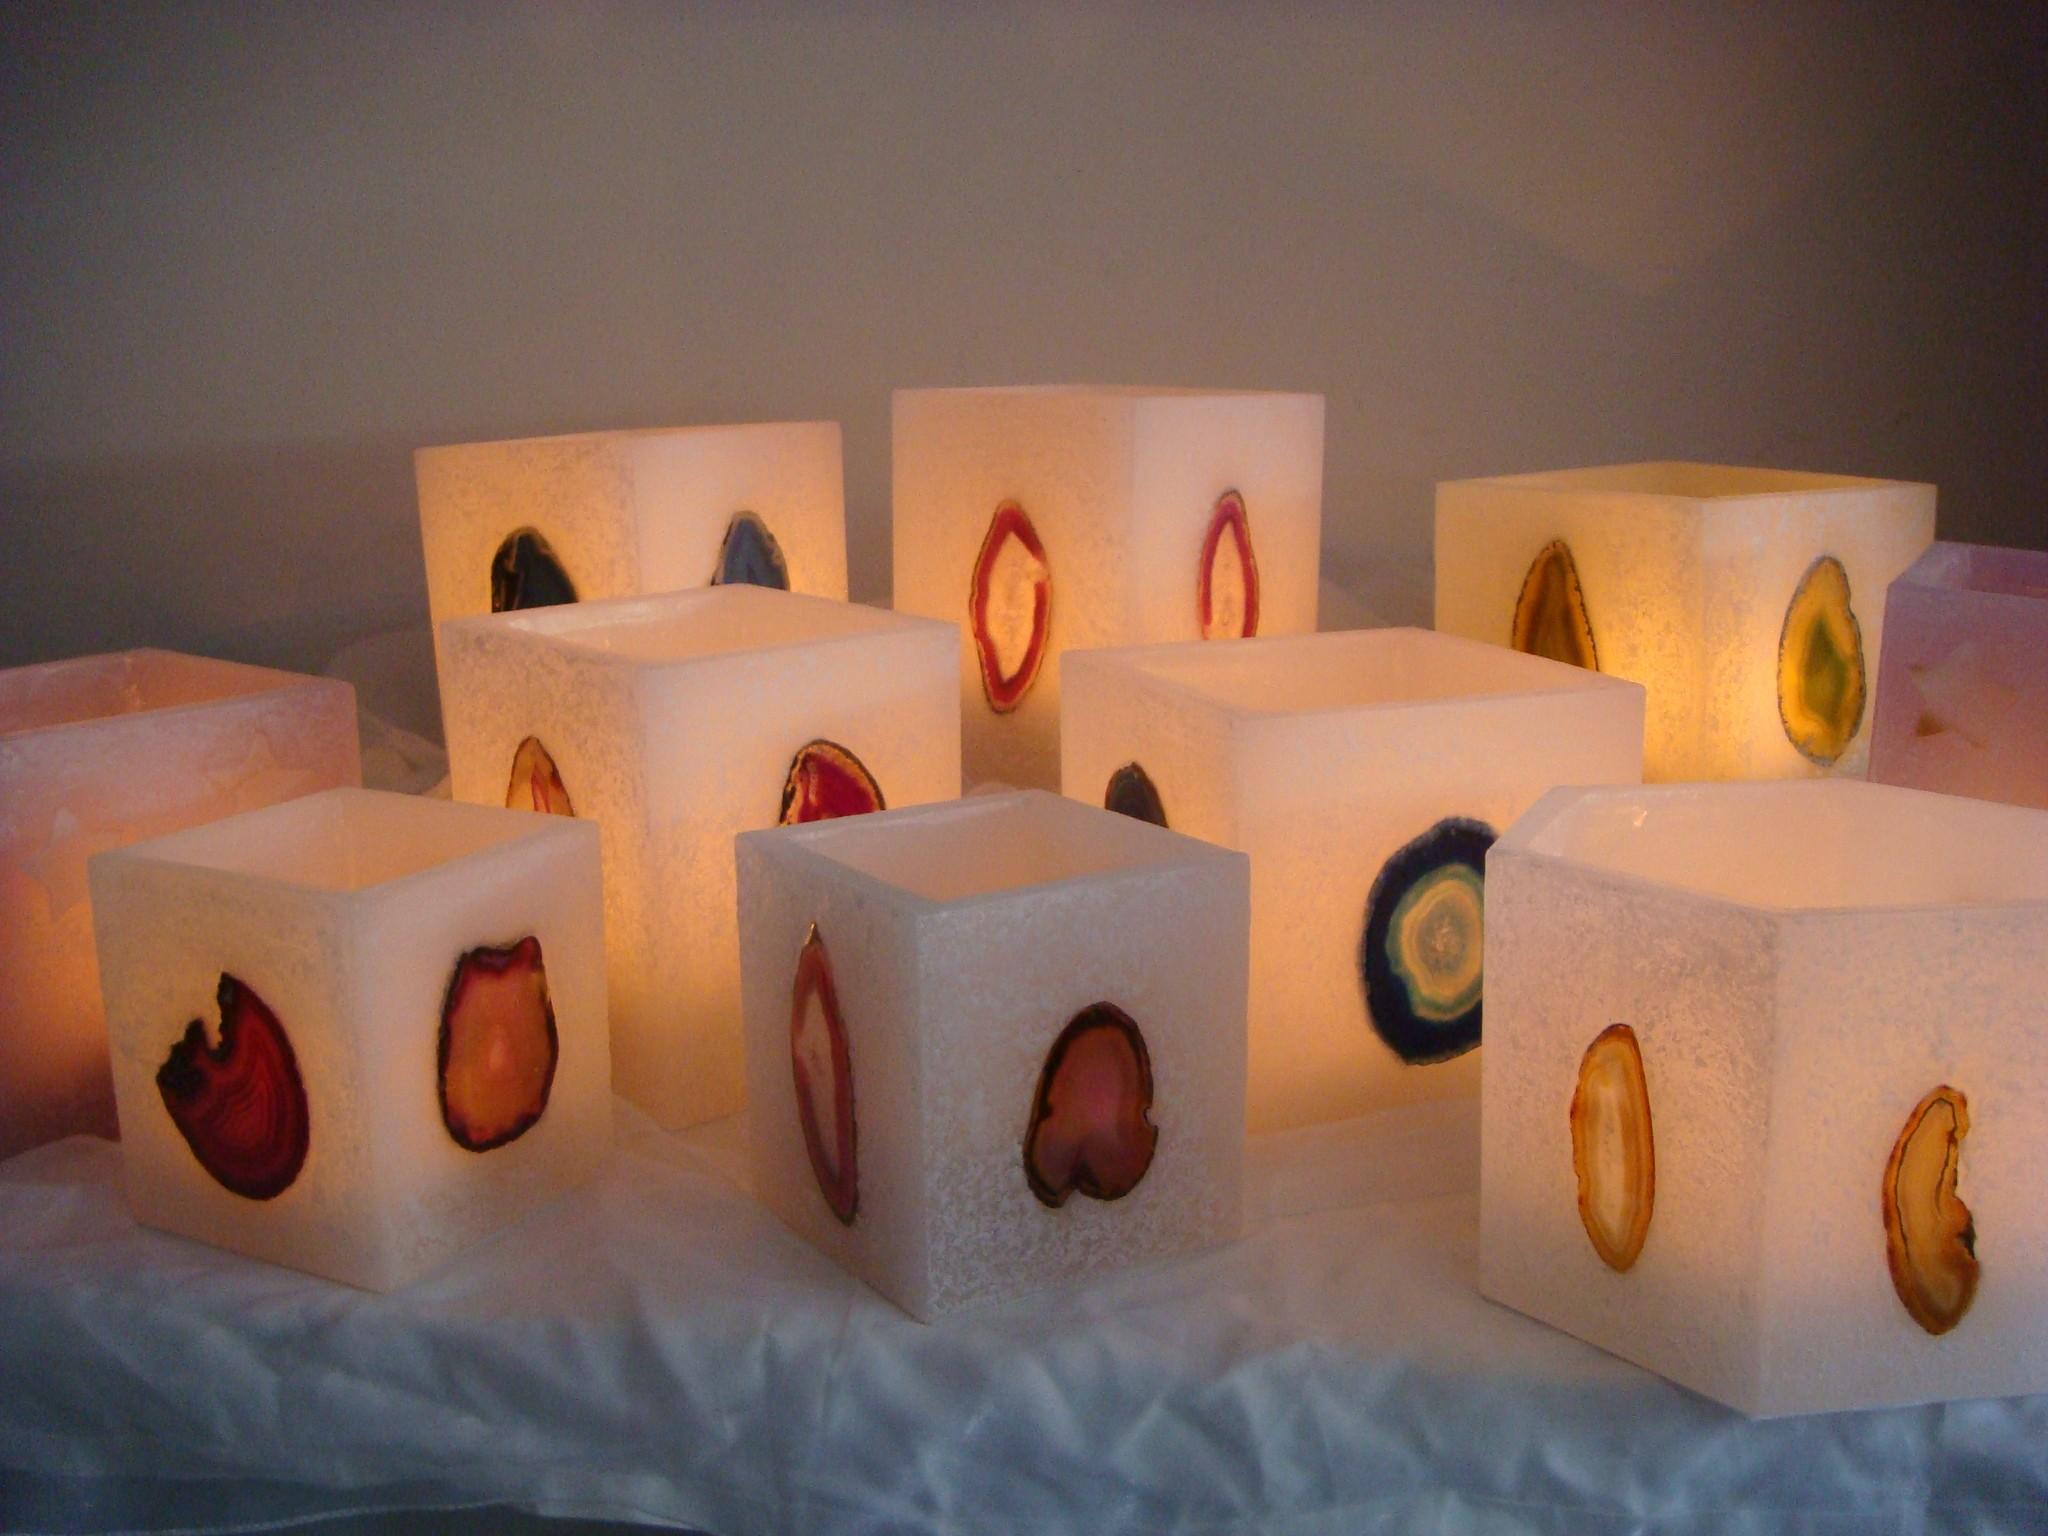 Beispiel eckige Kerzen mit Steinen